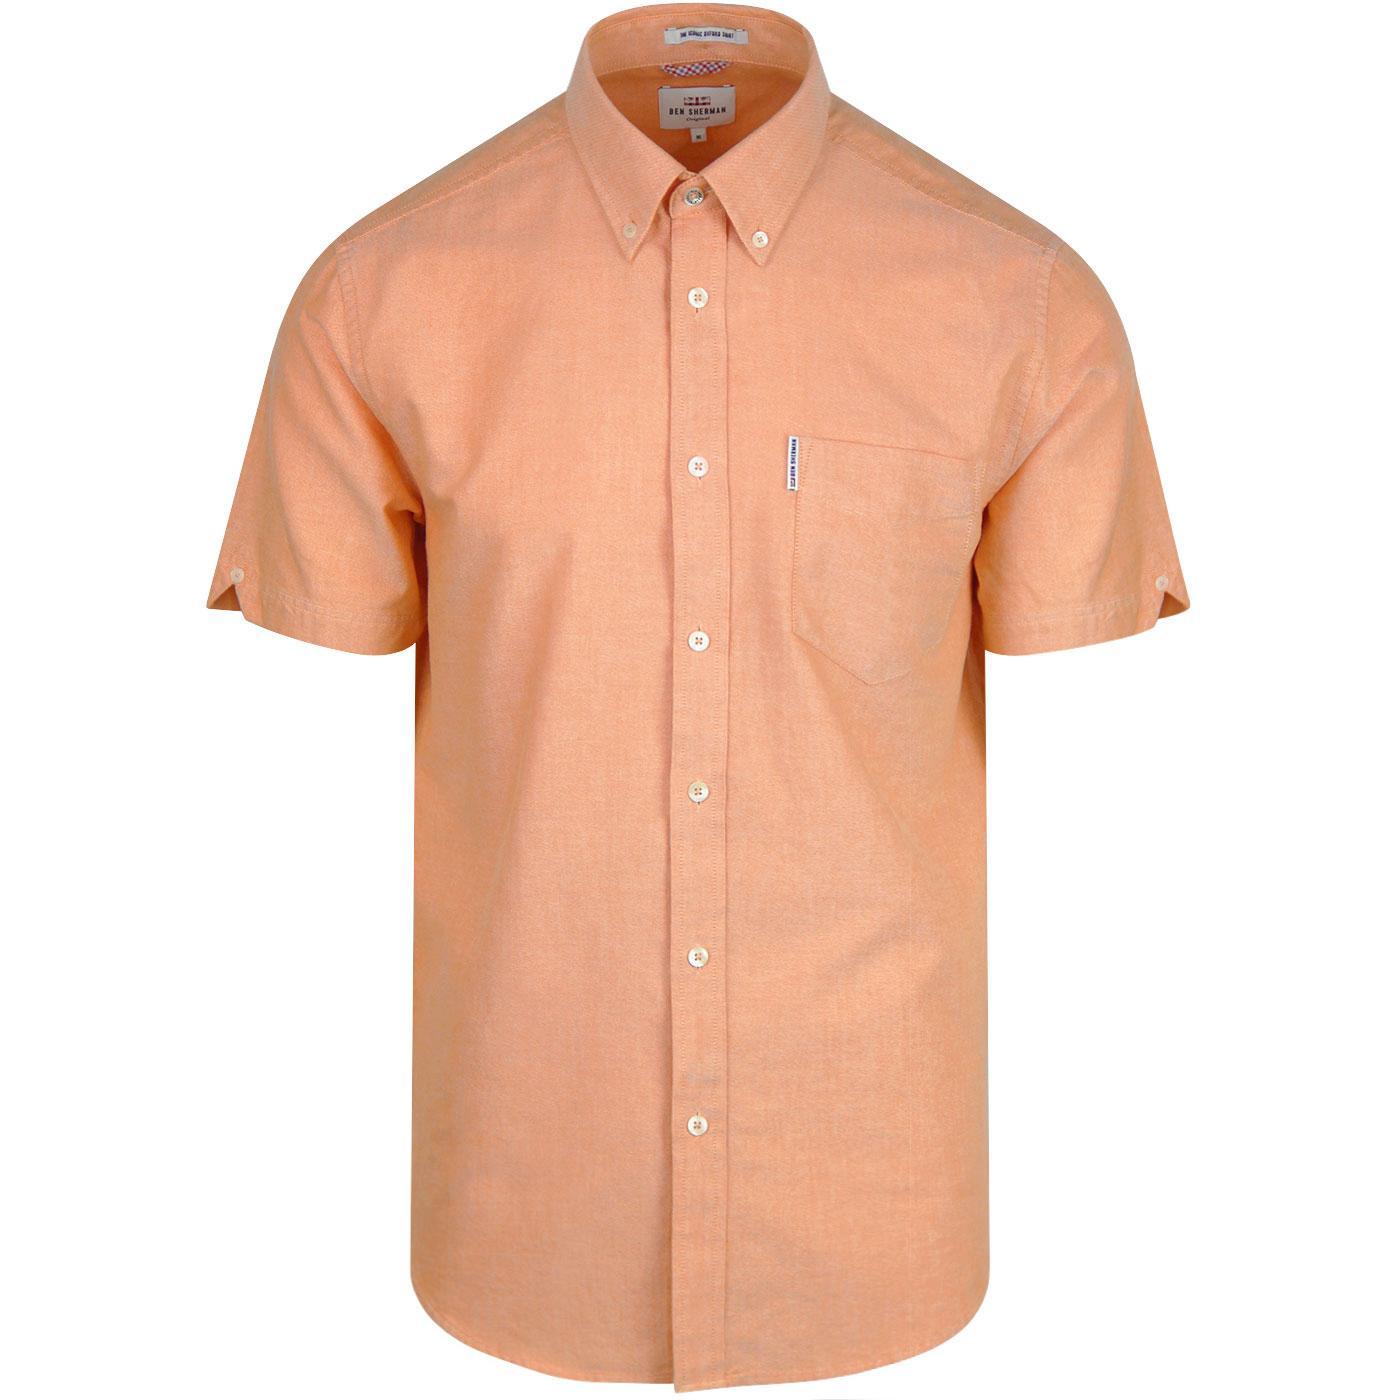 BEN SHERMAN Mod Button Down Oxford Shirt (Orange)